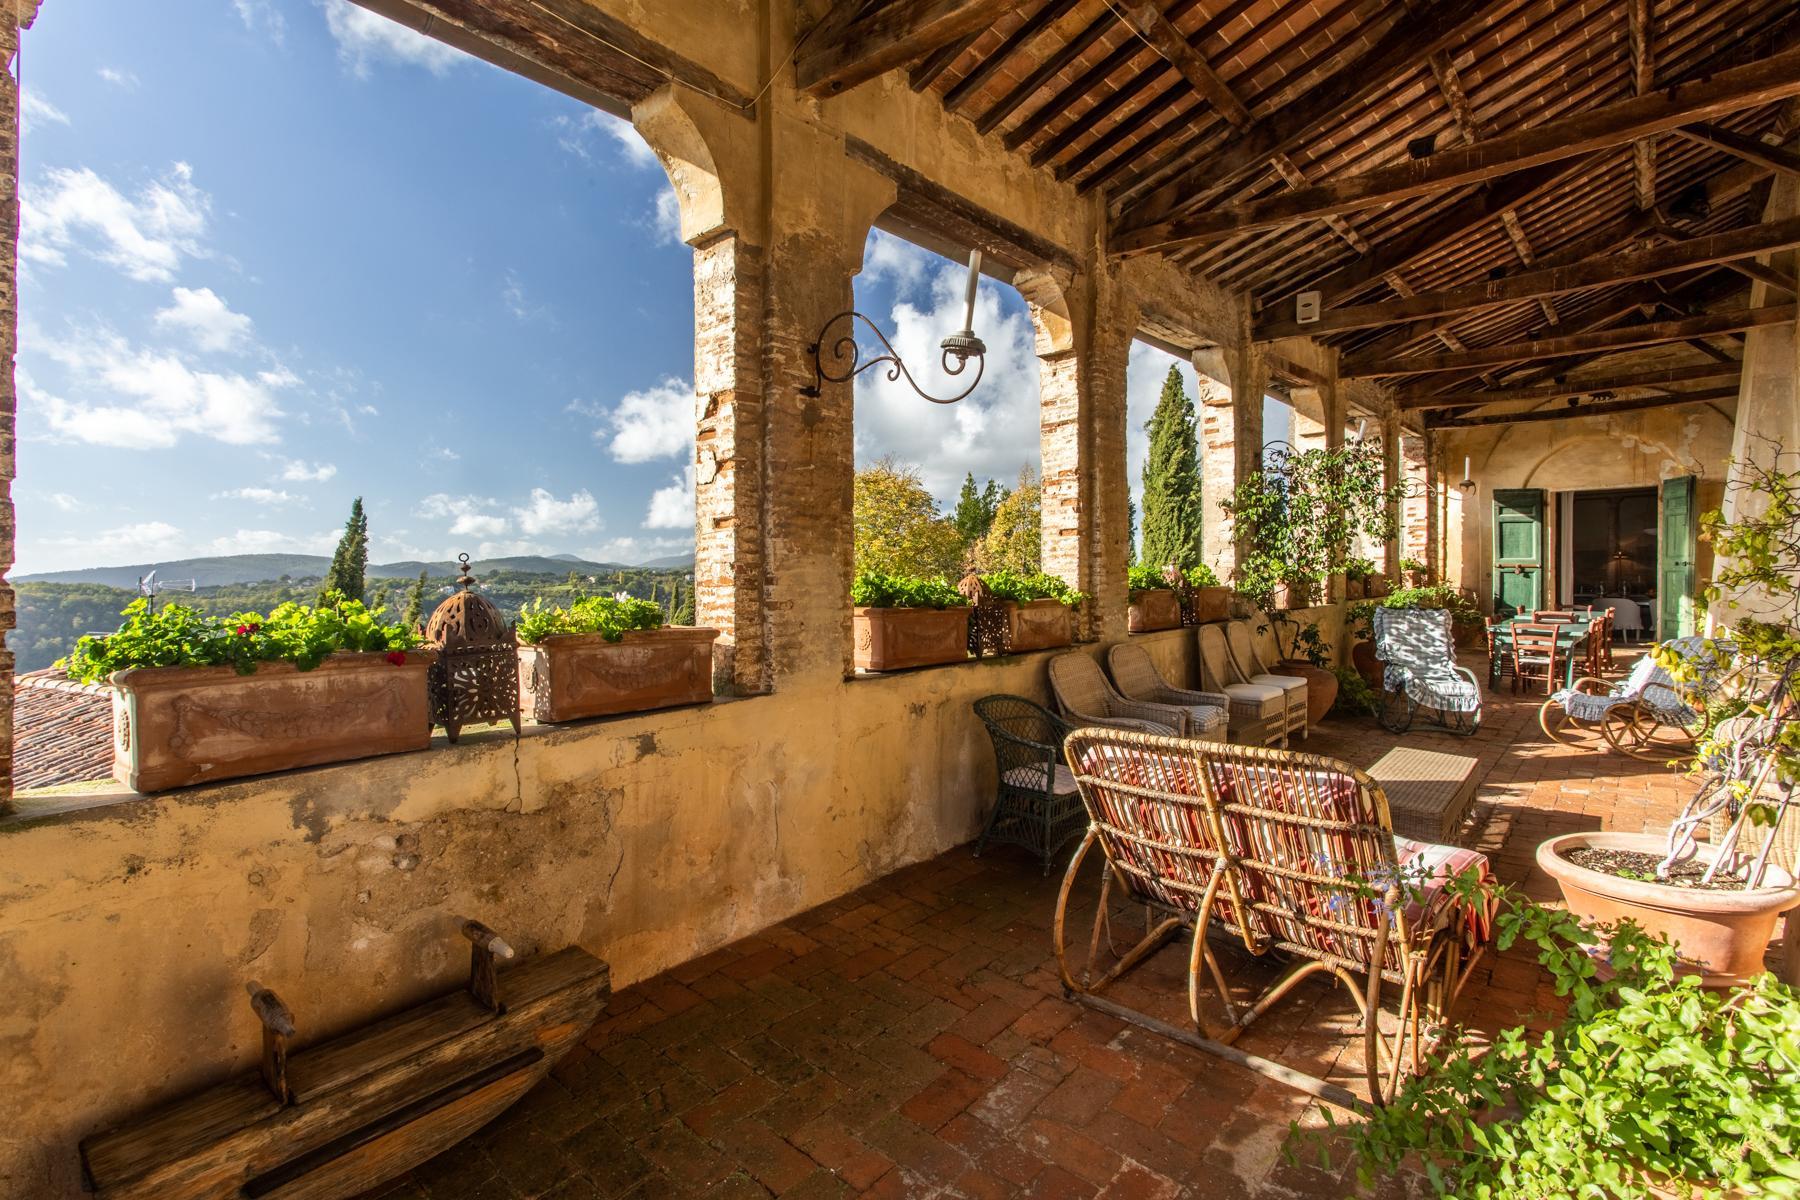 中世纪村庄Oliveto山顶上的雄壮宫殿 - 6